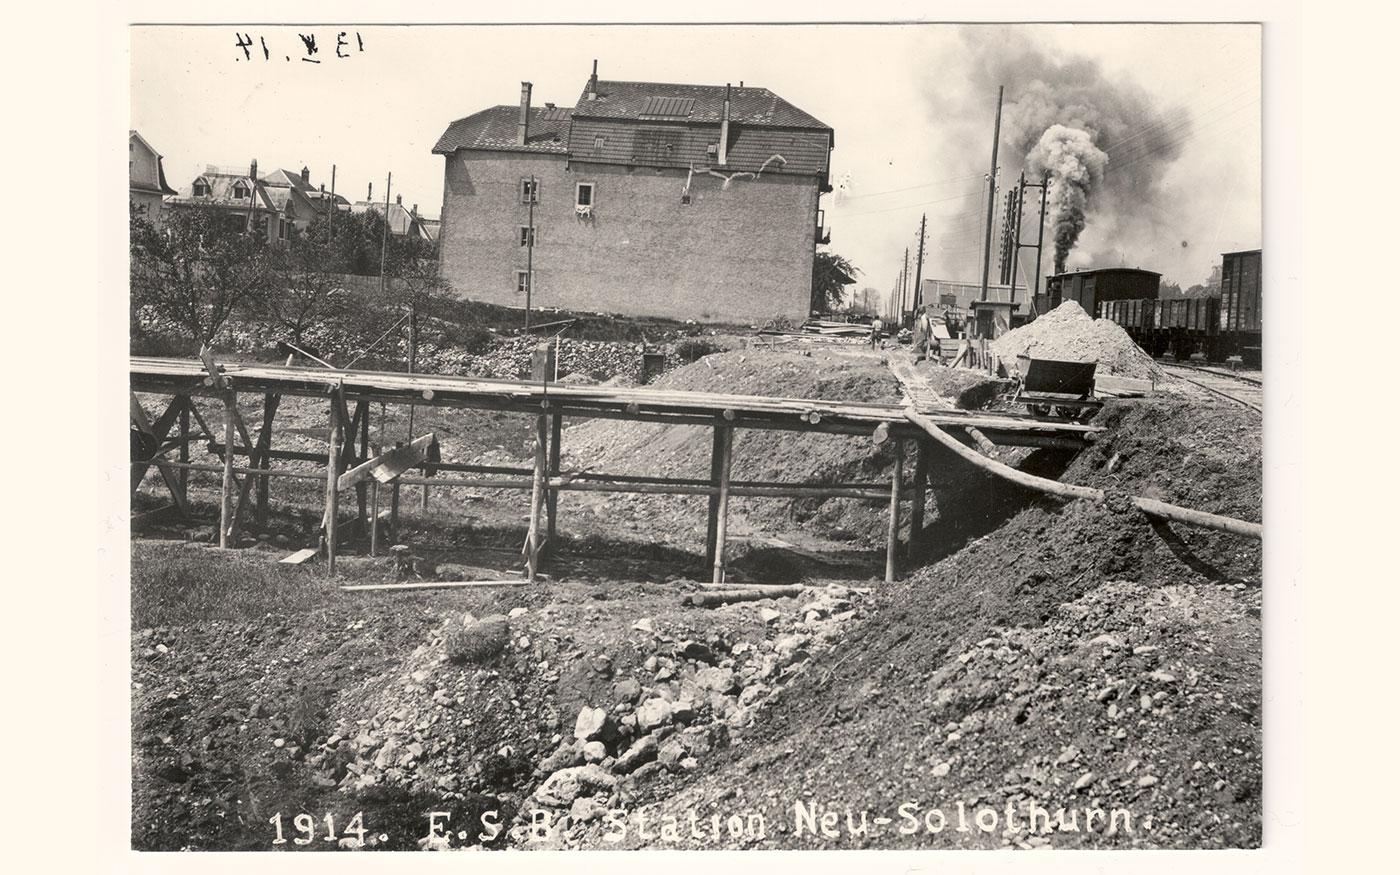 Bau der Bahnverbindung Solothurn-Bern 1914